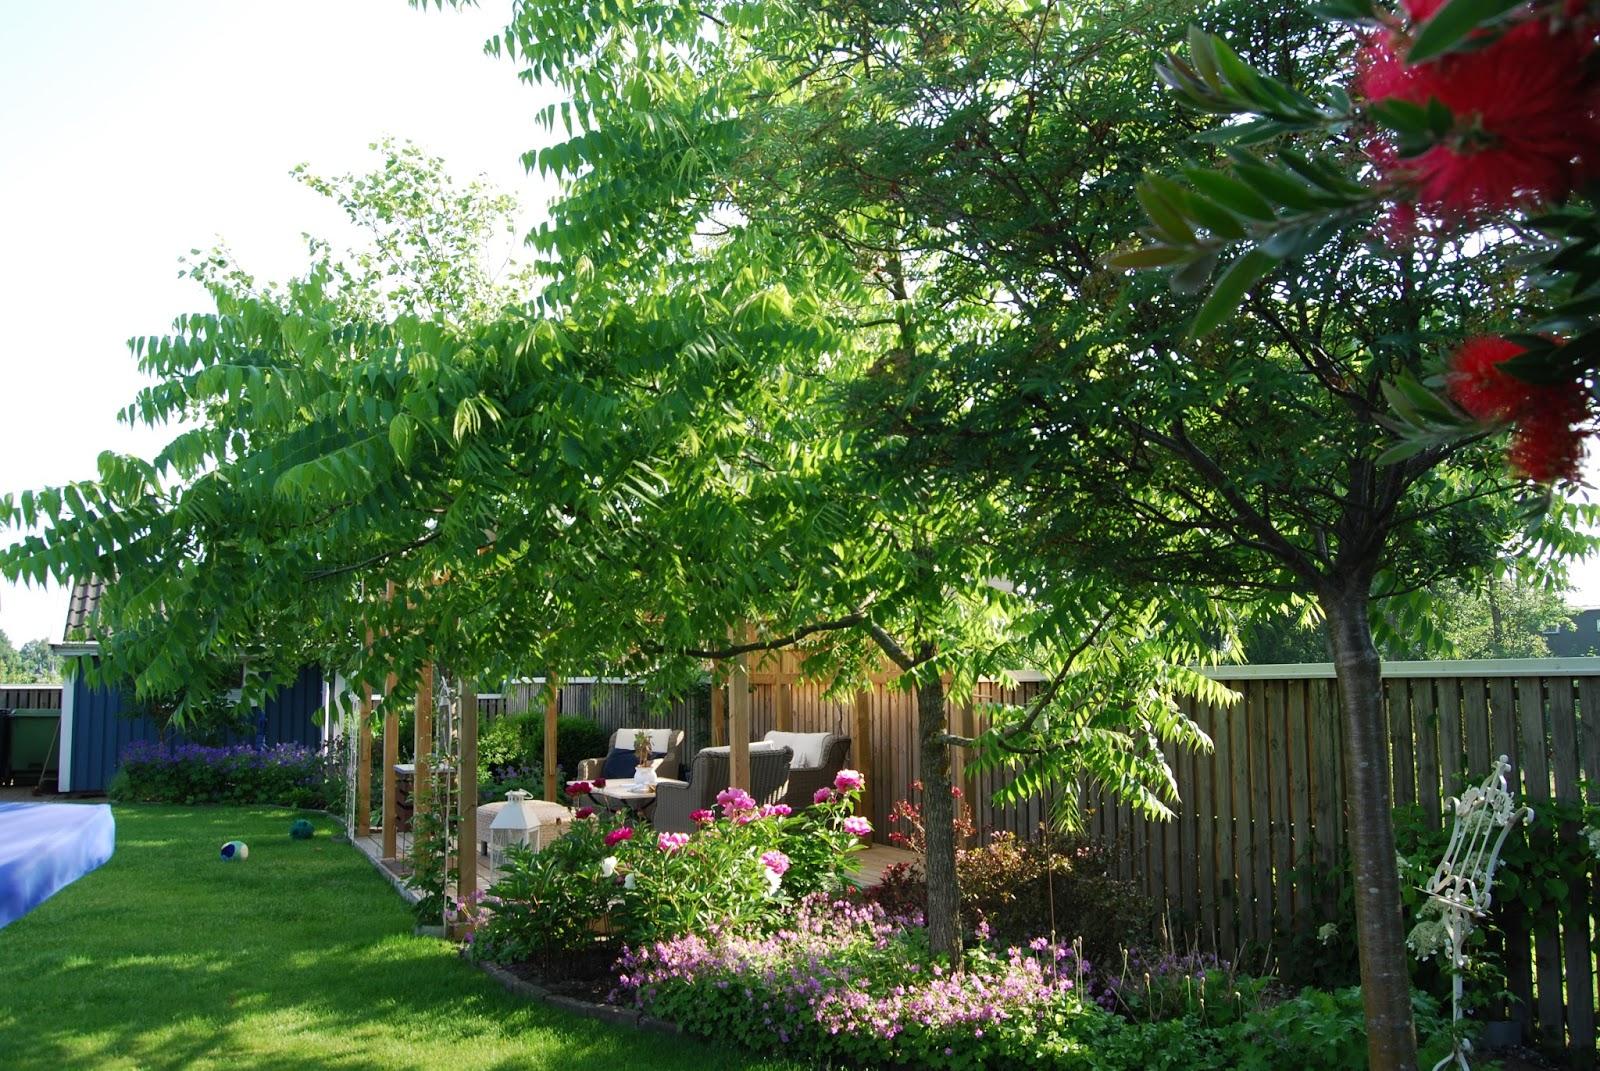 Cattis och eiras trädgårdsdesign: ett besök i en kunds trädgård ...